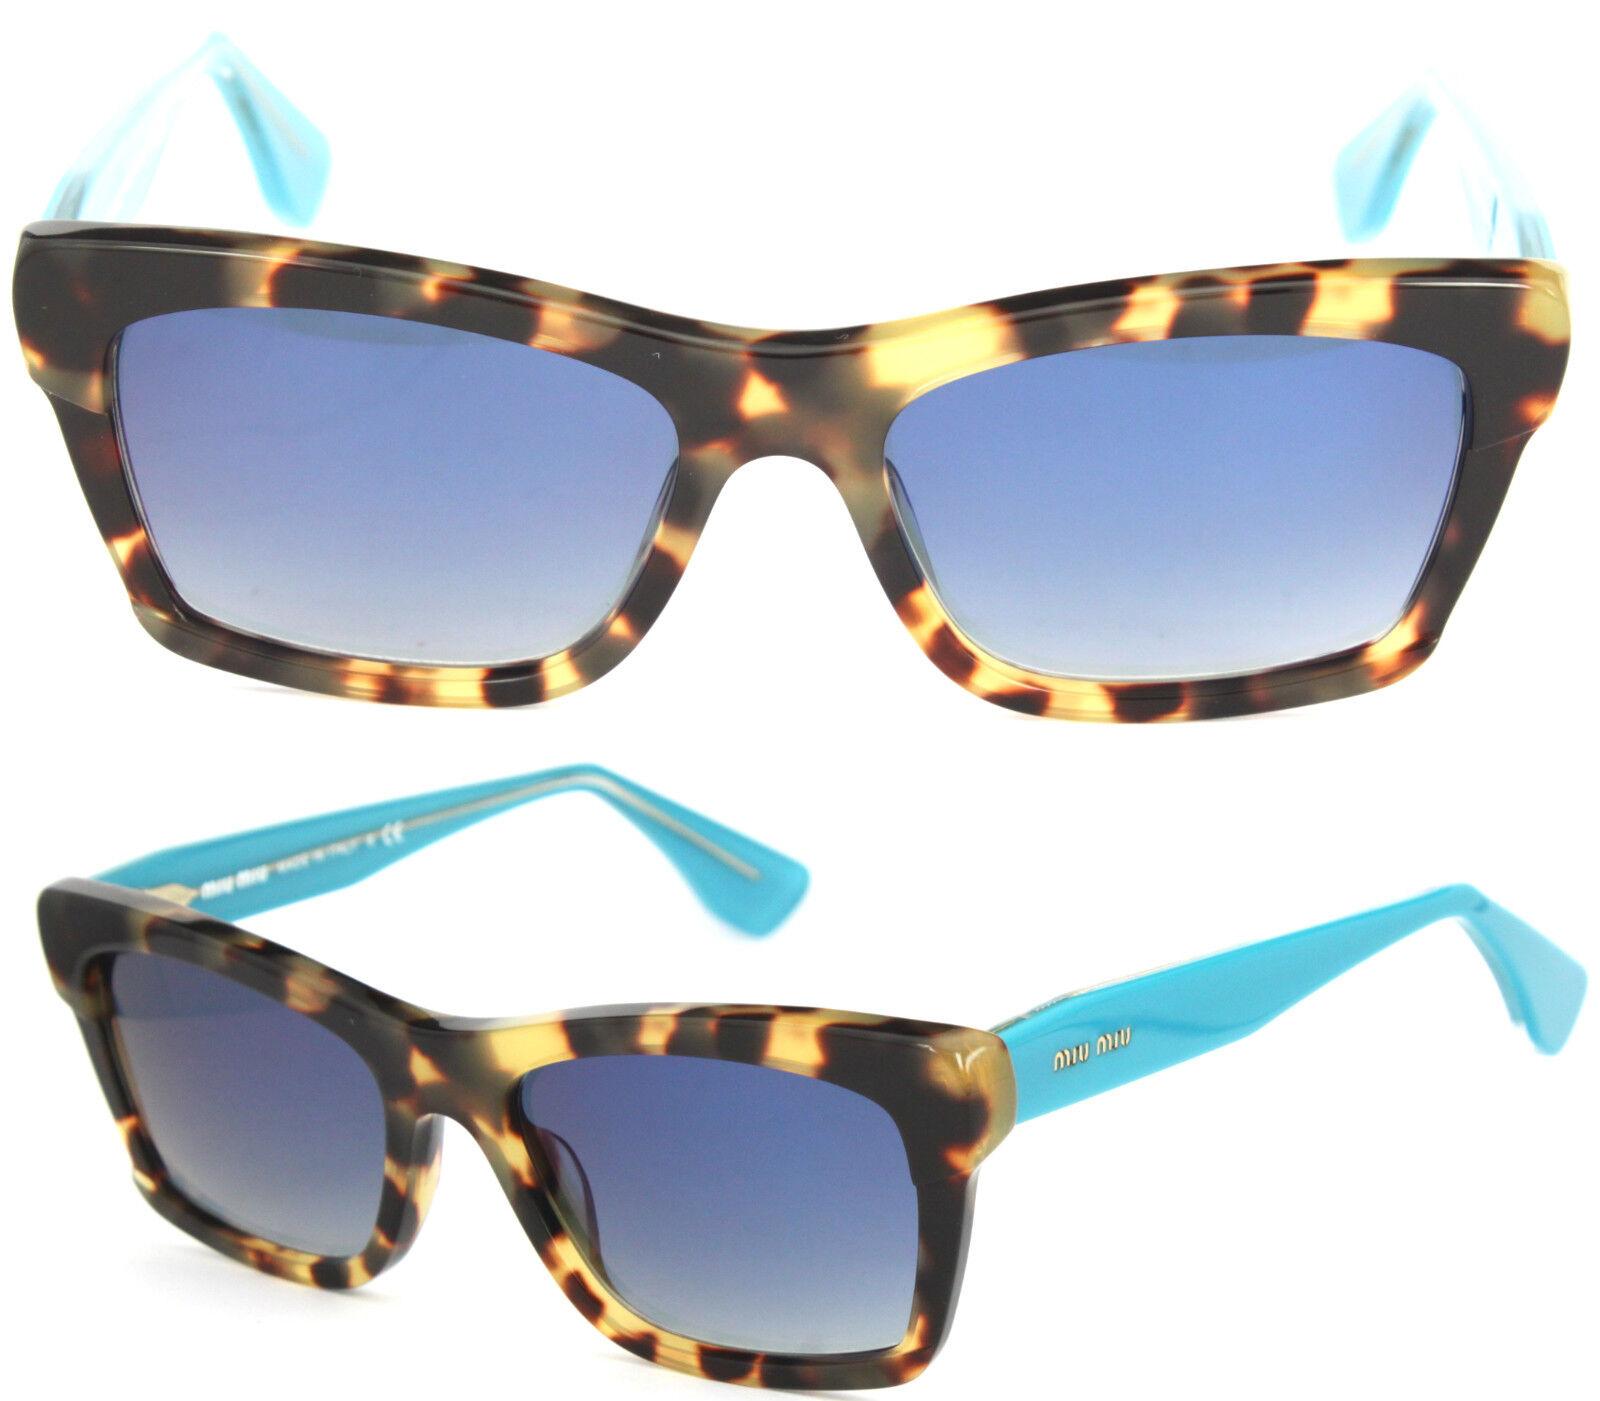 Miu Miu Sonnenbrille Sunglasses UNIKAT VMU08M 7S0-1O1 Gr 54 Nonvalenz BF 54 T 23 | Stabile Qualität  | Der neueste Stil  | Stilvoll und lustig